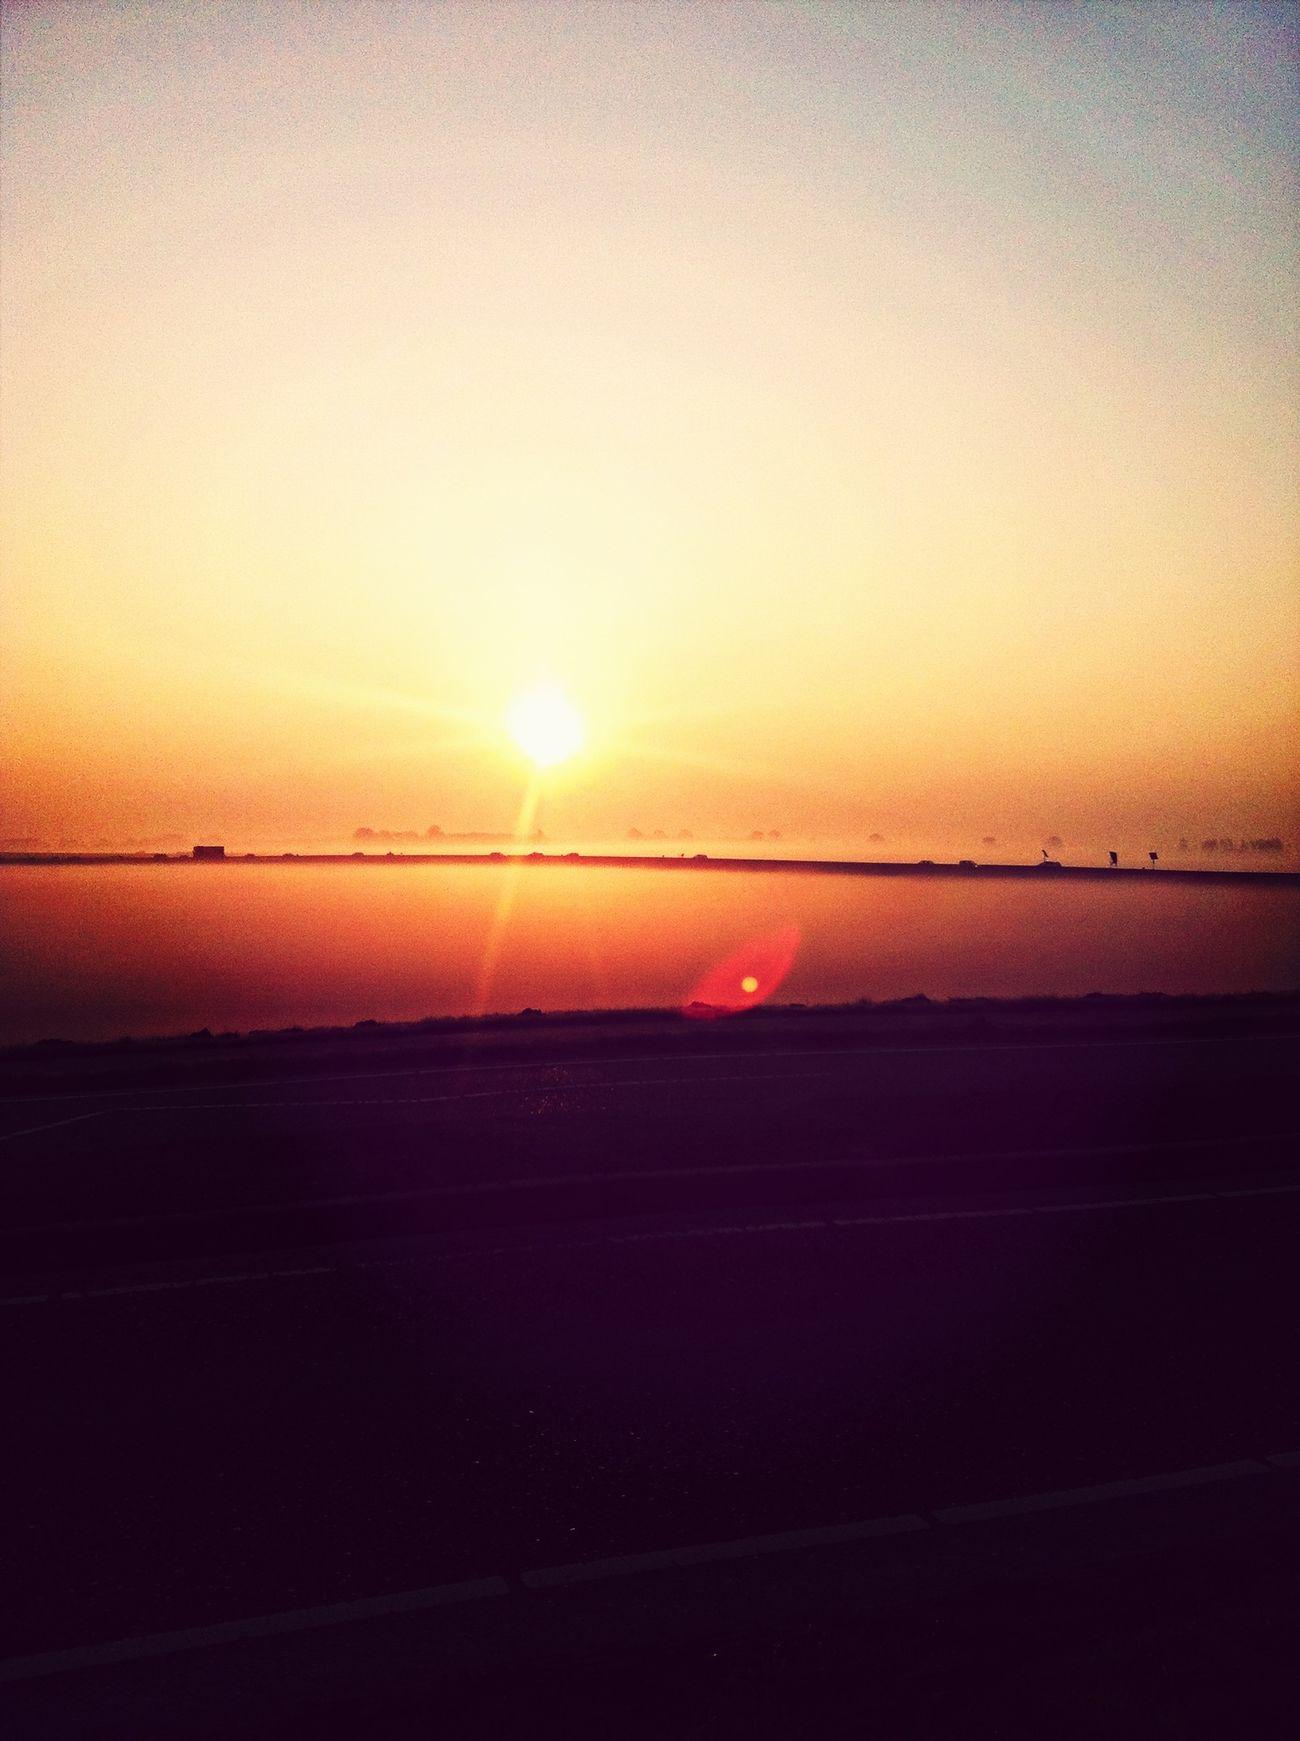 Morning at holland